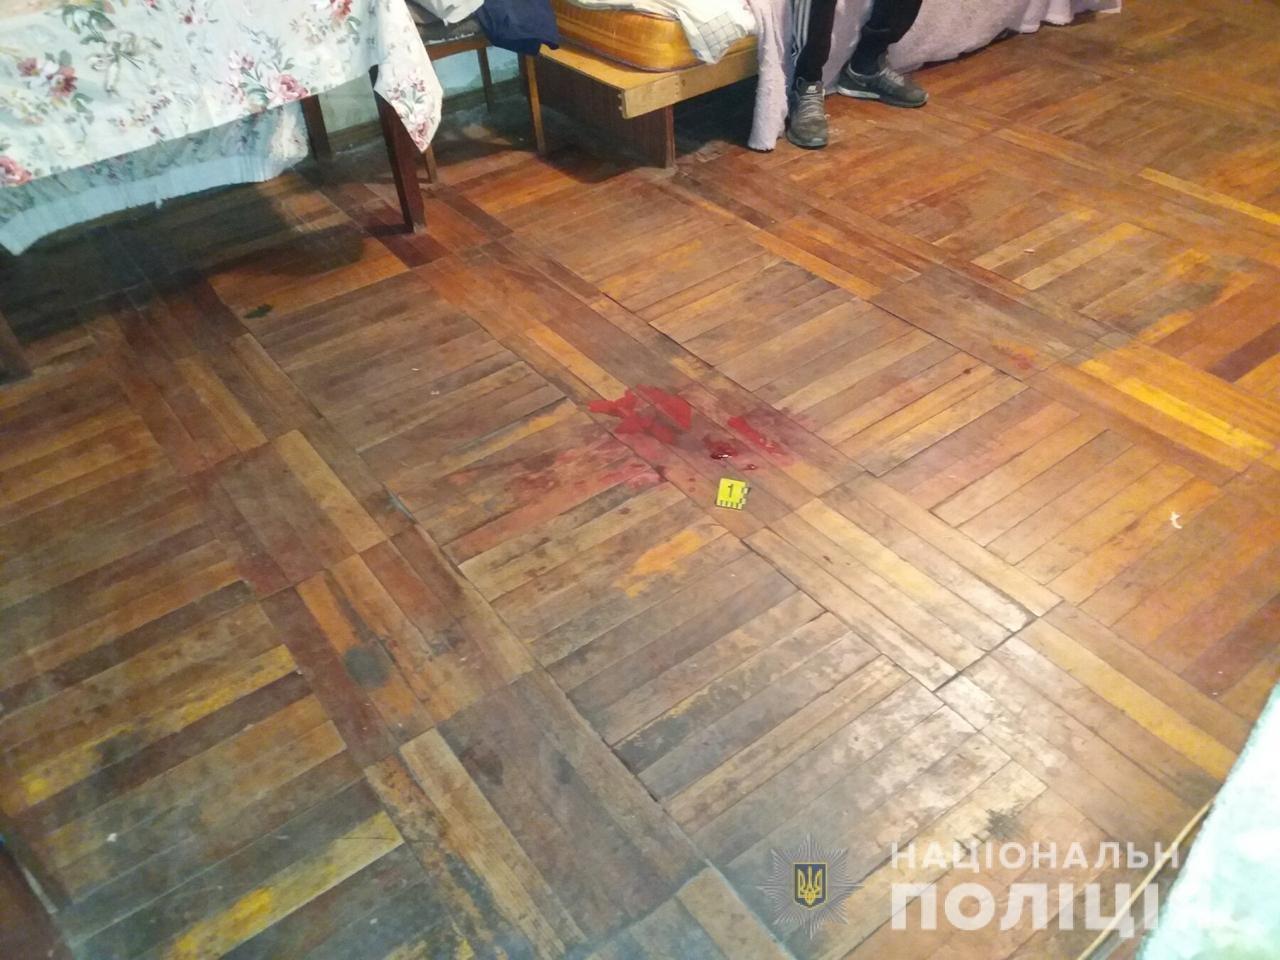 В Харькове задержали мужчину, который едва не убил своего собутыльника, - ФОТО, фото-3